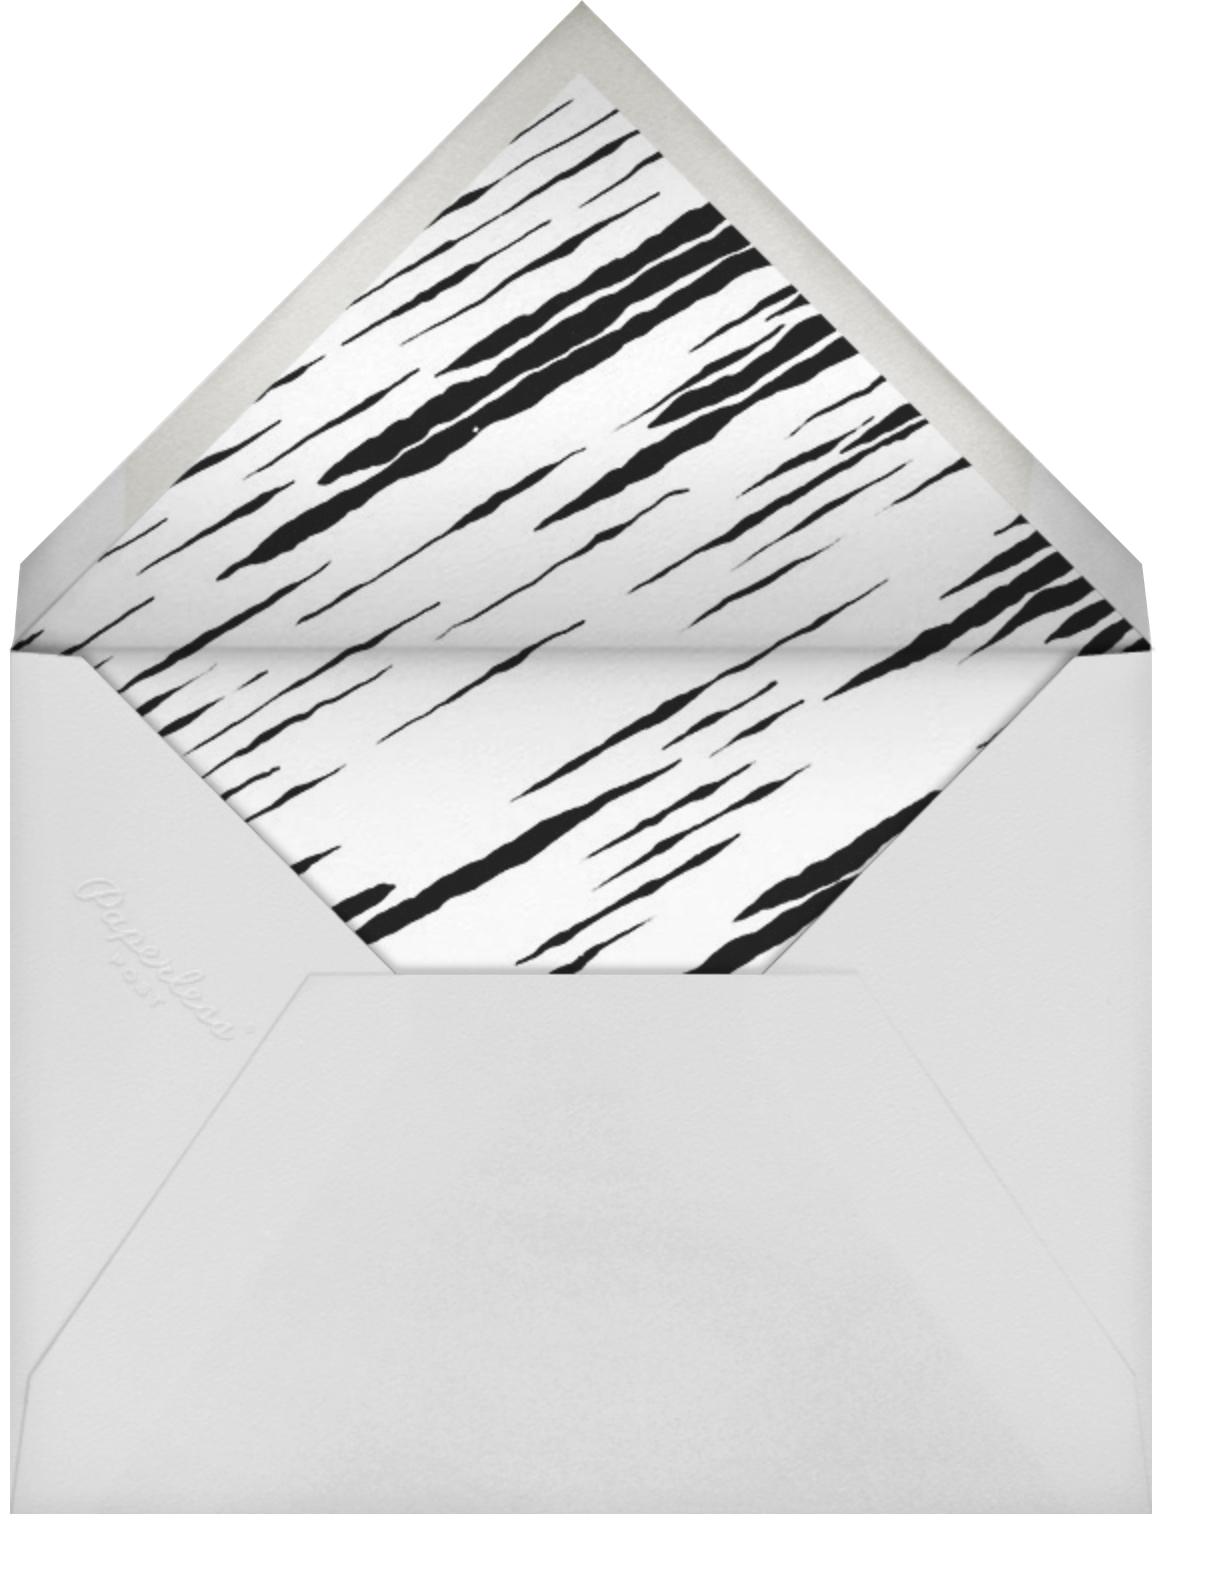 Feline (Photo) - Metallic - Kelly Wearstler - null - envelope back